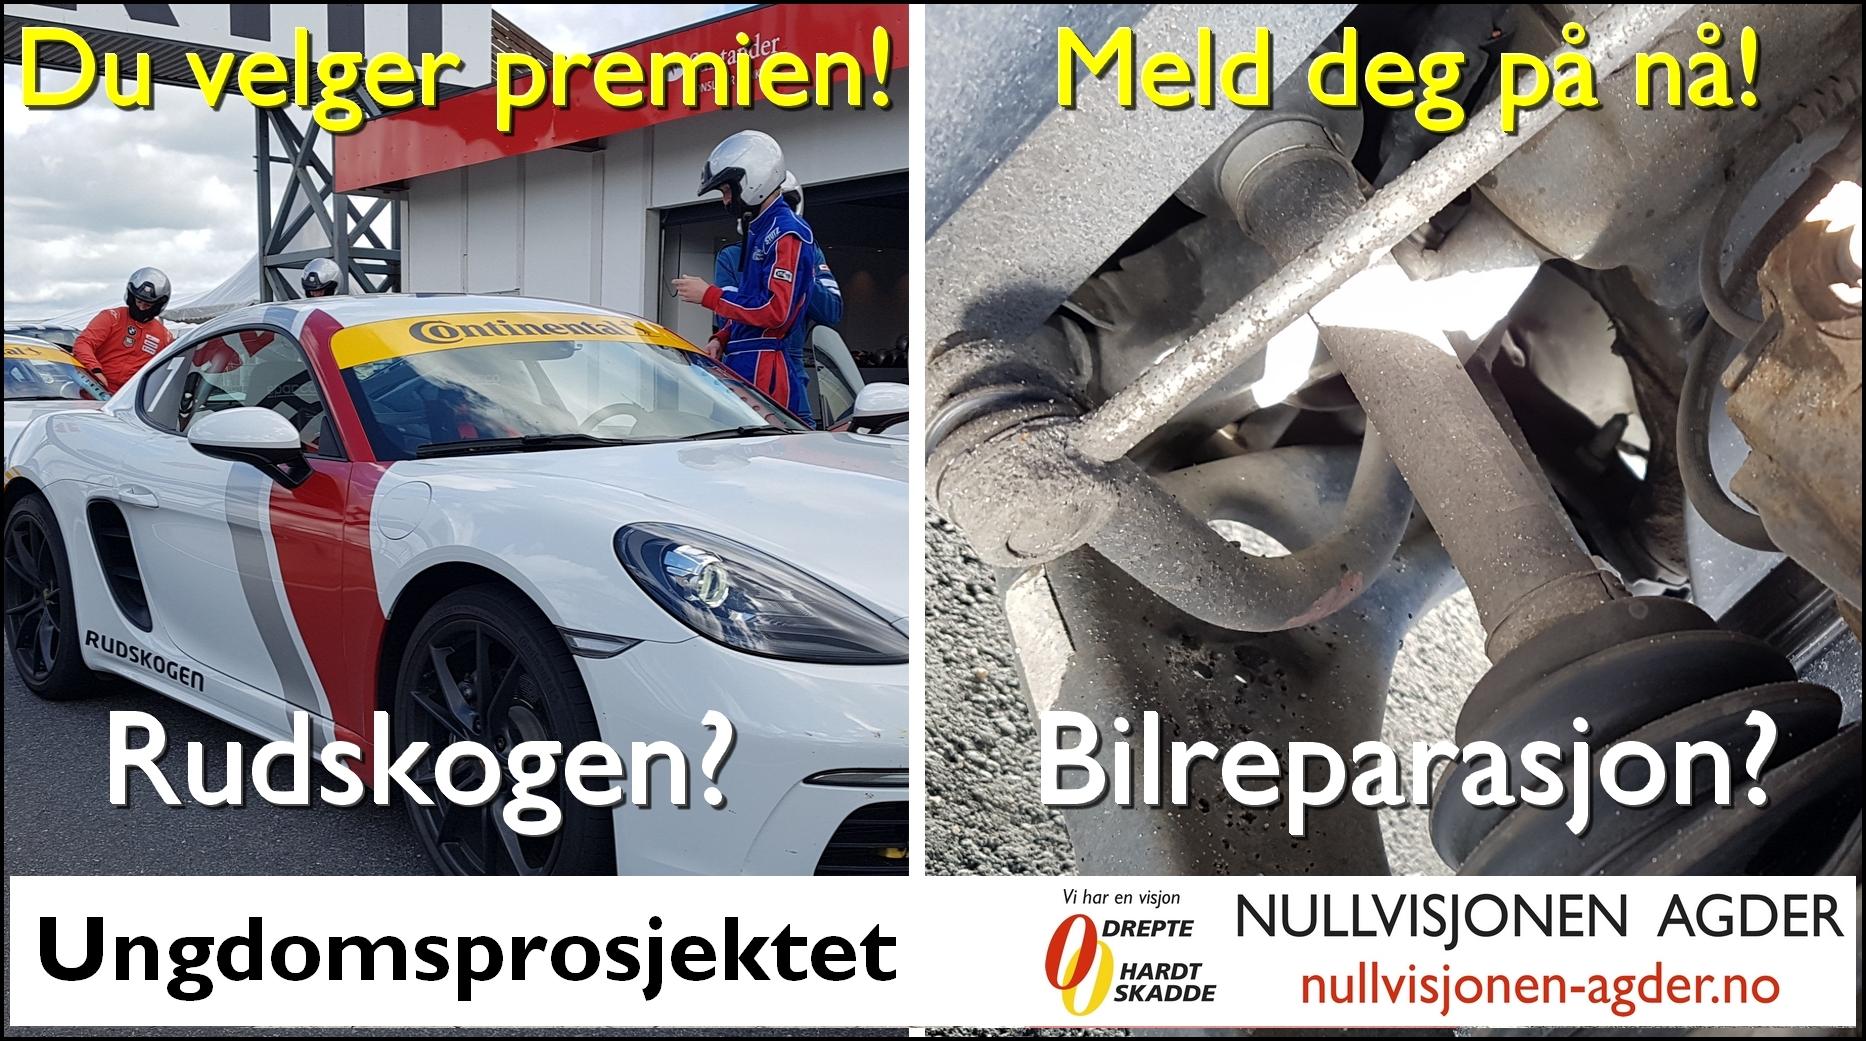 Rudskogen-reklame-02.jpg